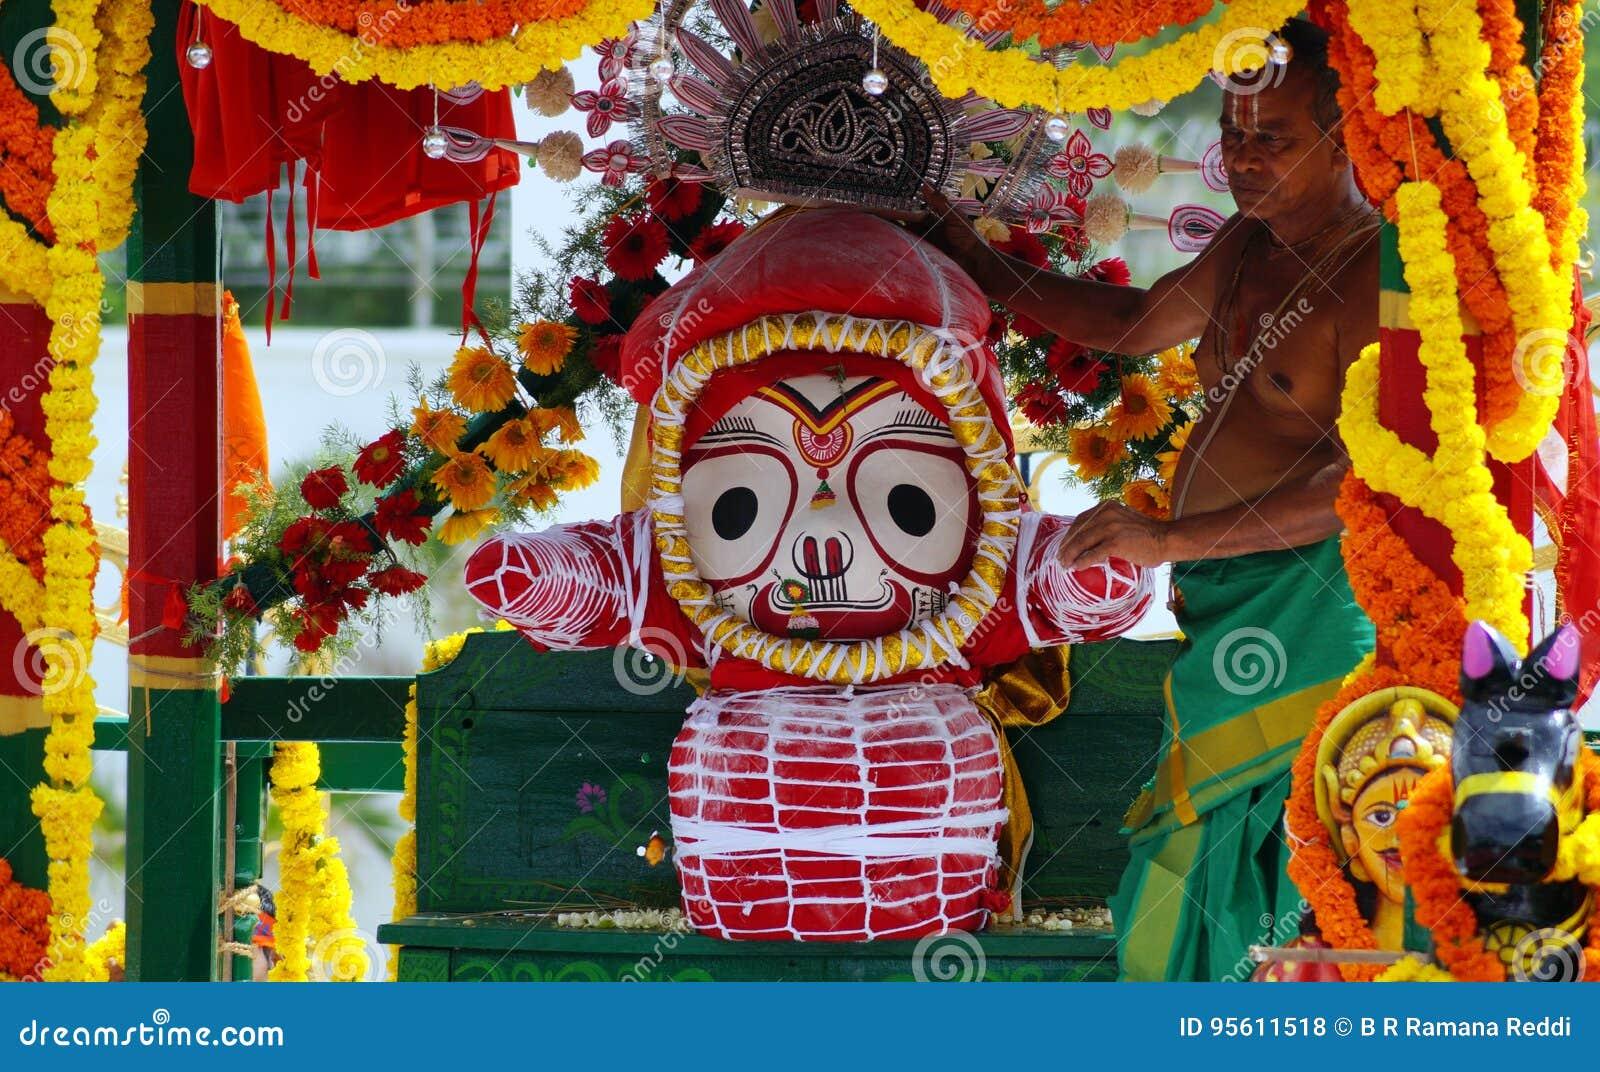 Hindu God Jagannath,balabhadra And Subhadra Idols On Chariot